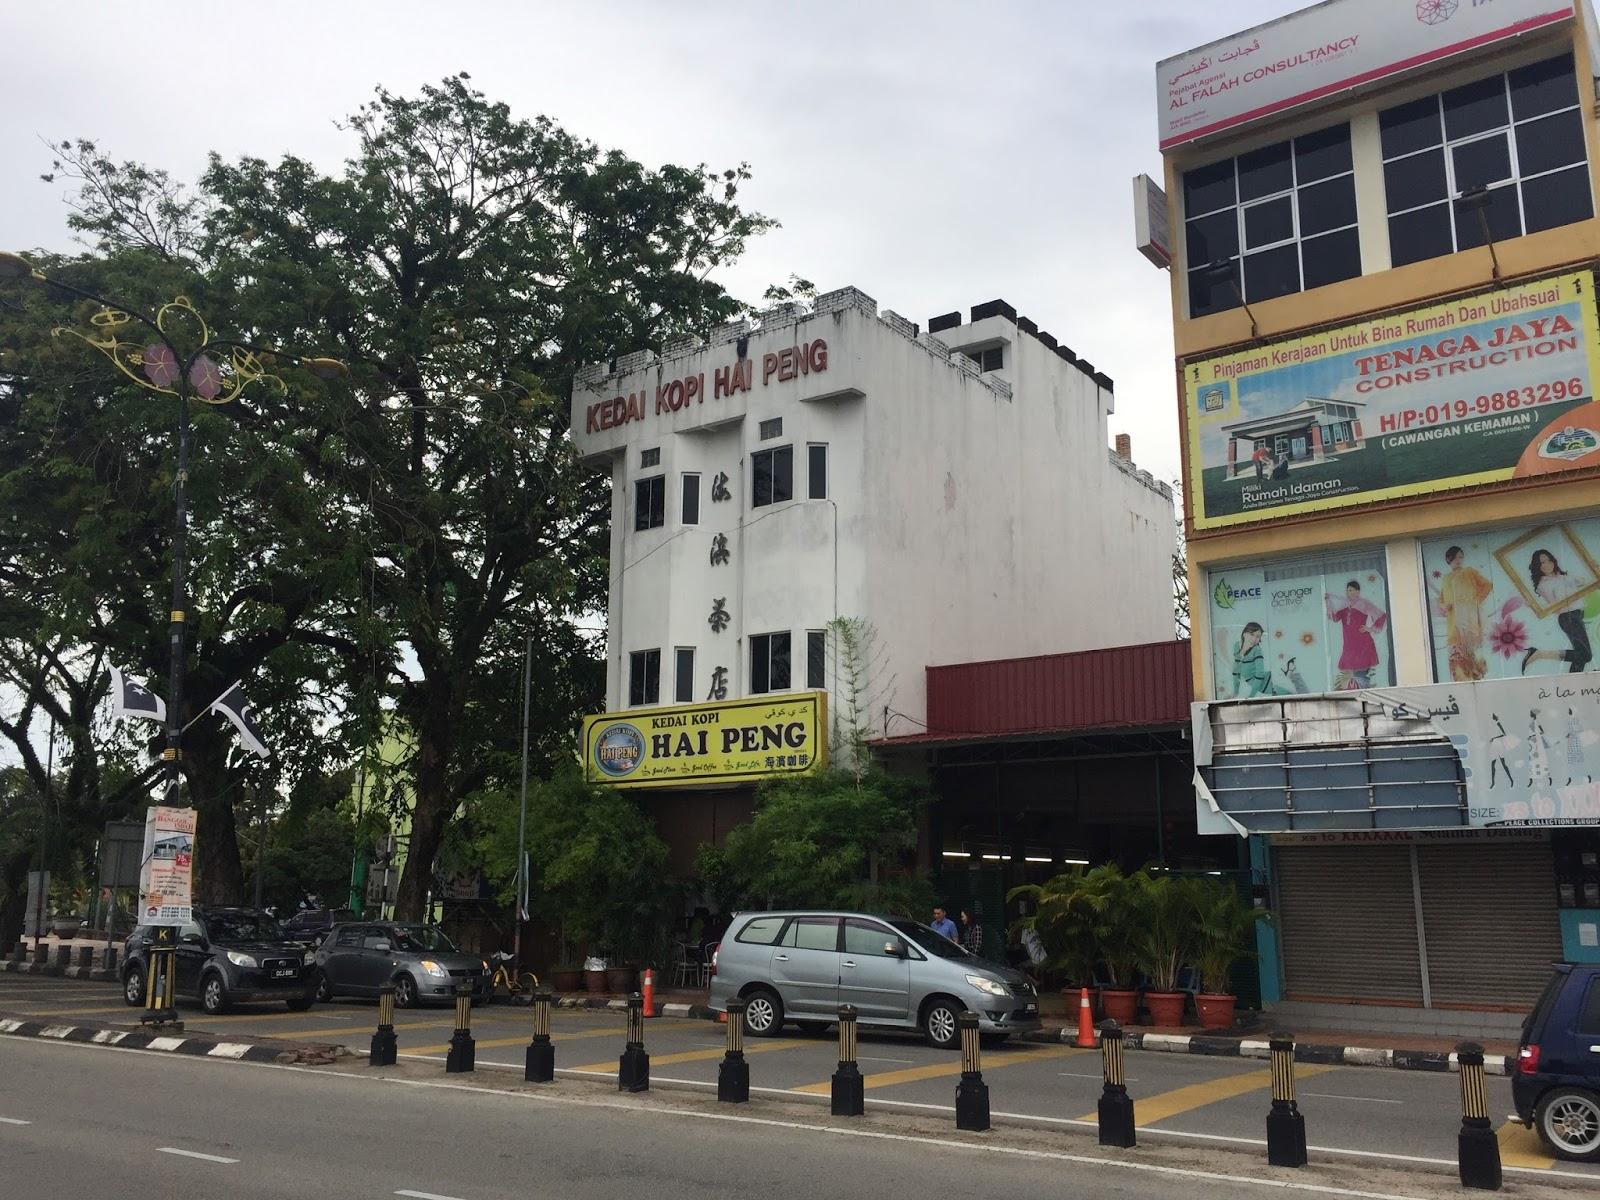 Food Road Trip Kedai Kopi Hai Peng Chukai Kemaman Terengganu